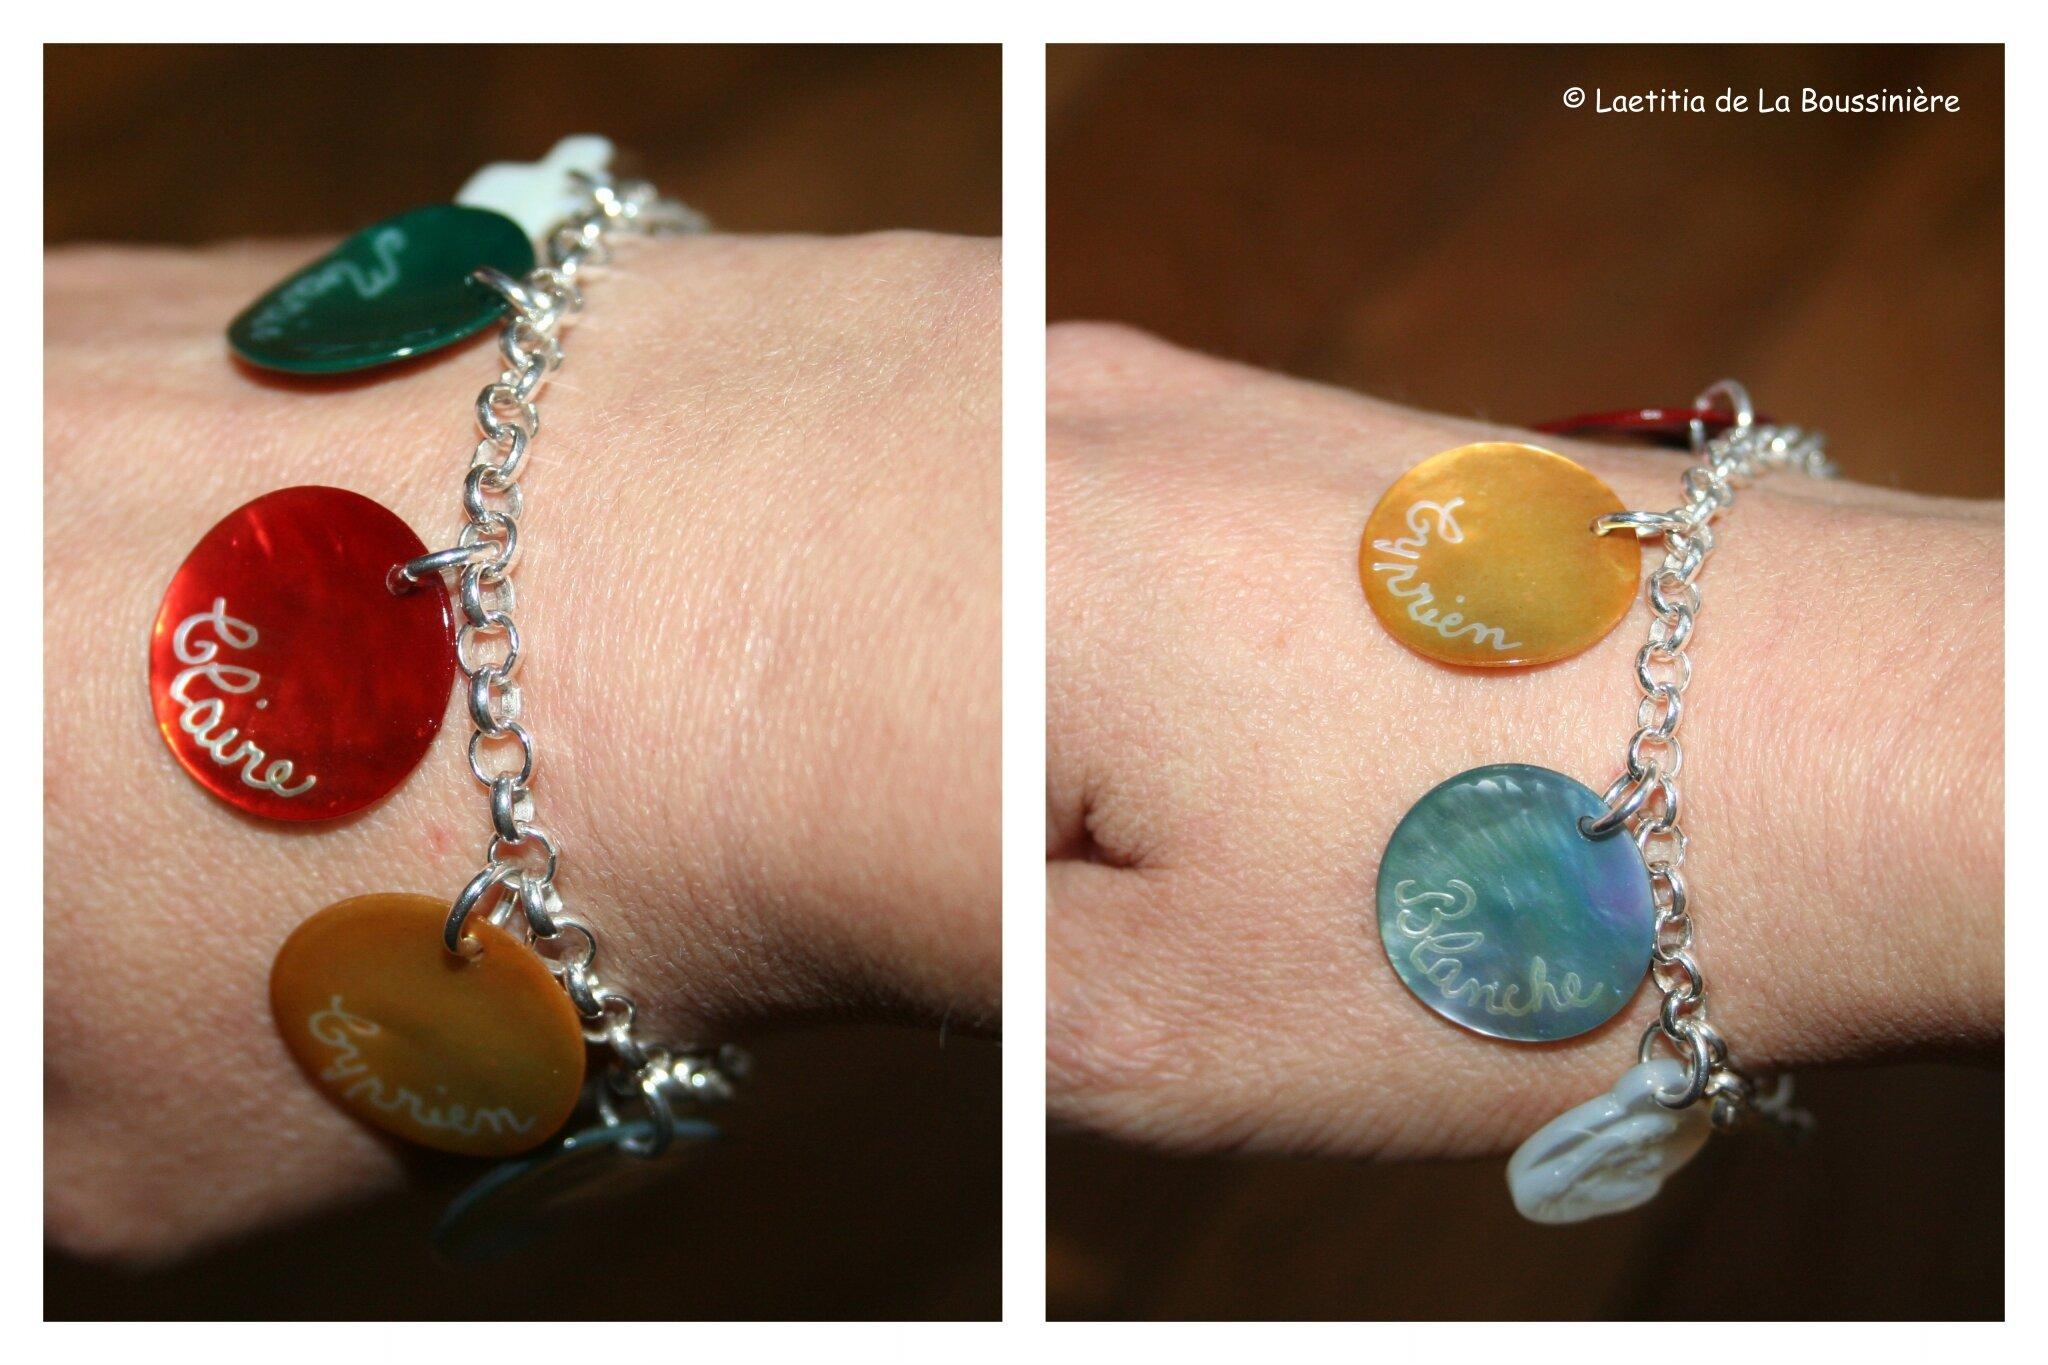 Le bracelet d'Isabelle